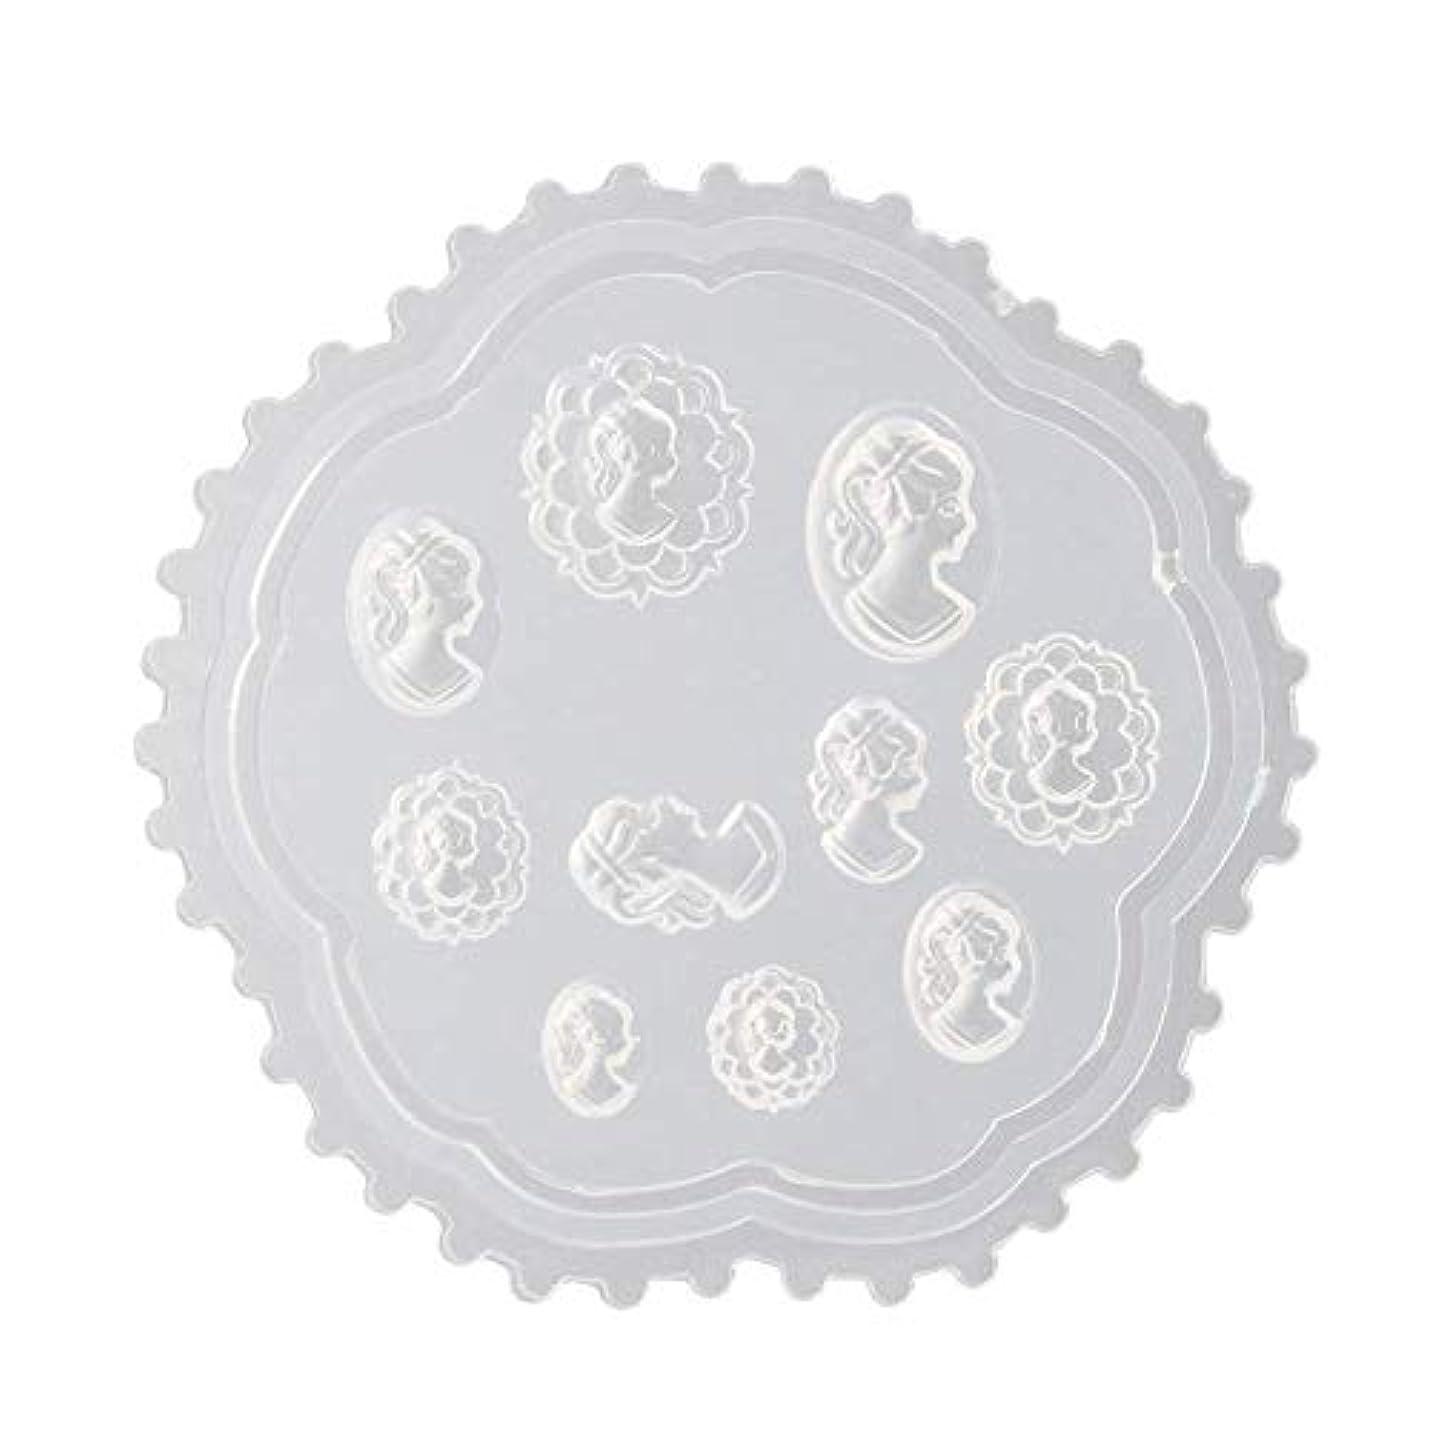 セットするマトン毎週coraly 3Dシリコンモールド ネイル 葉 花 抜き型 3Dネイル用 レジンモールド UVレジン ネイルパーツ ジェル ネイル セット アクセサリー パーツ 作成 (2)